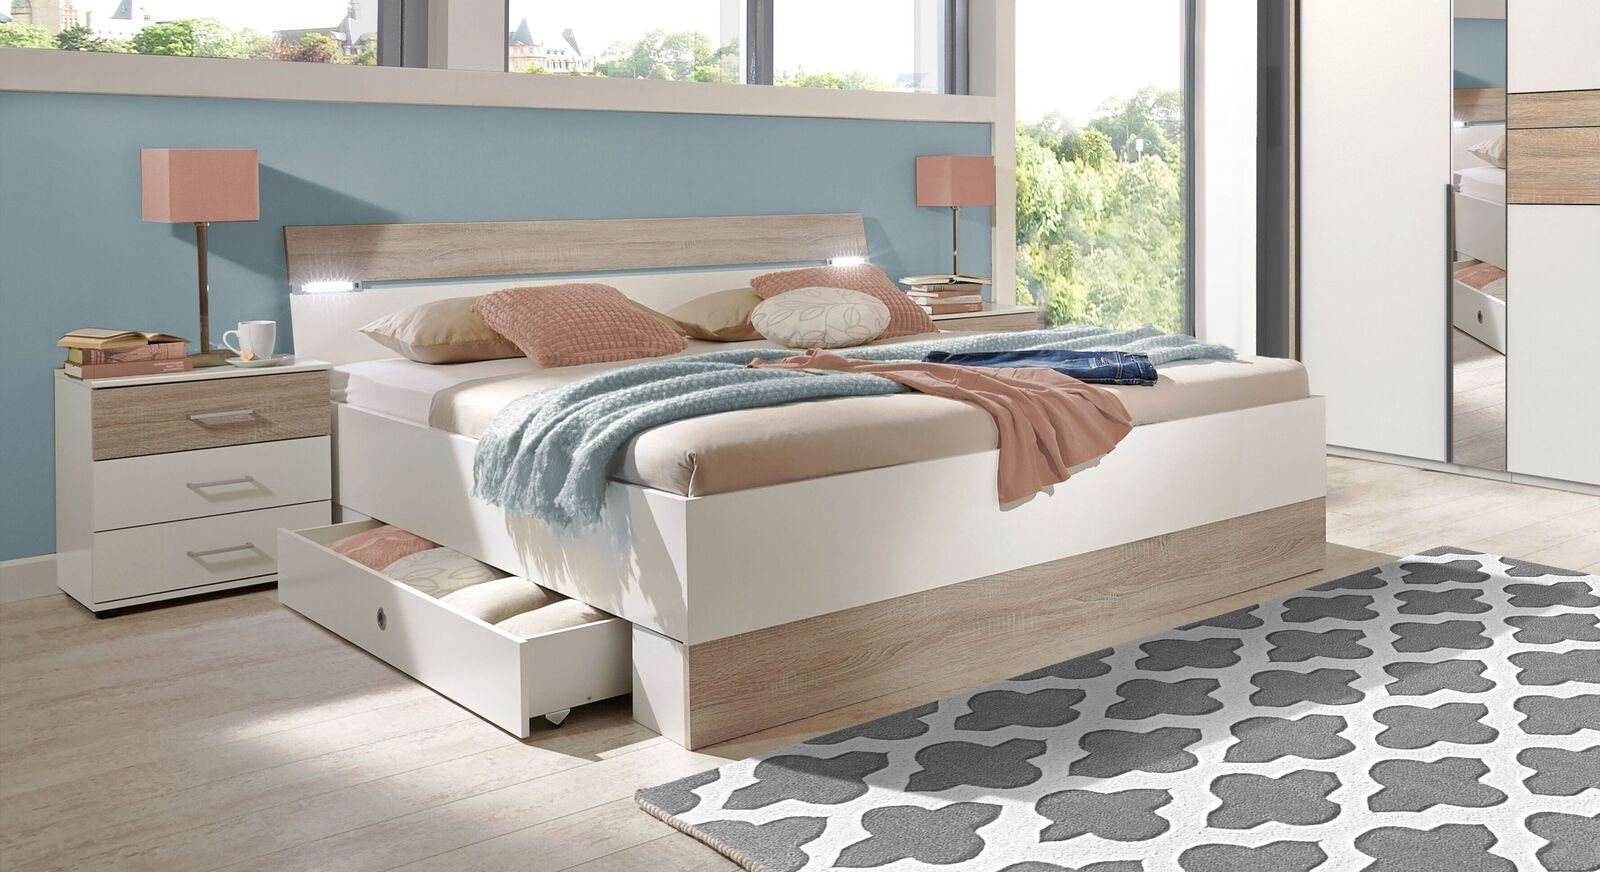 Schubkasten-Bett Kormoran in Alpinweiß und Eiche sägerau Dekor